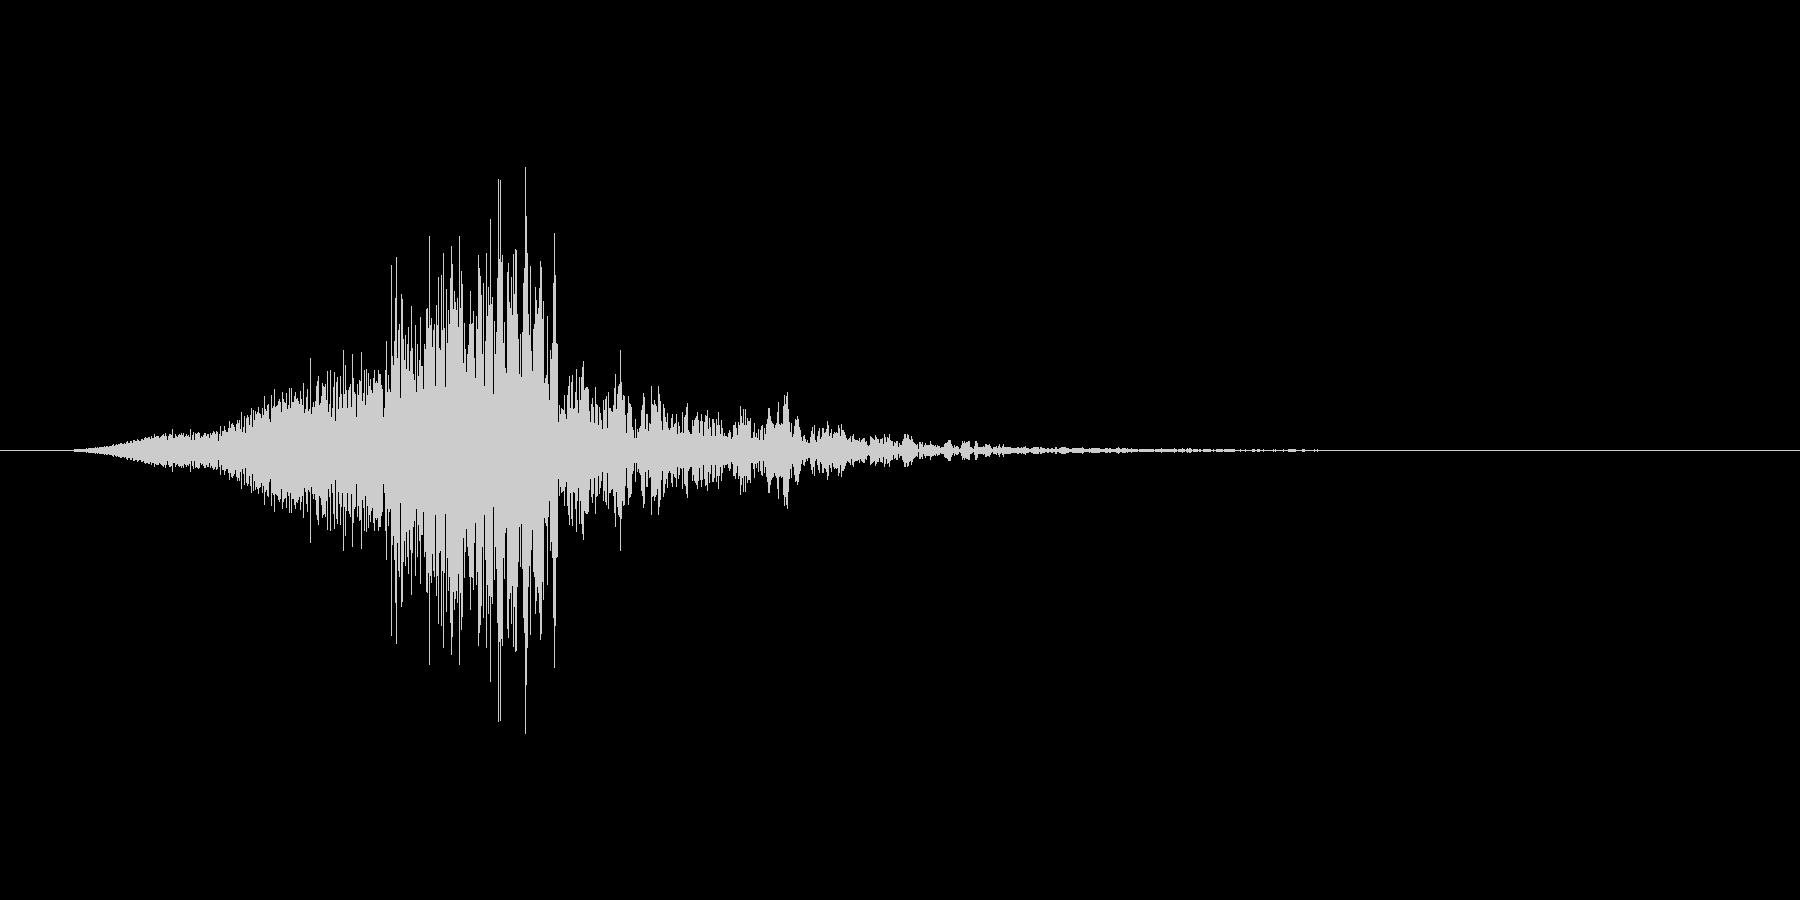 シュン↓(キャンセル音、閉じる、止める)の未再生の波形